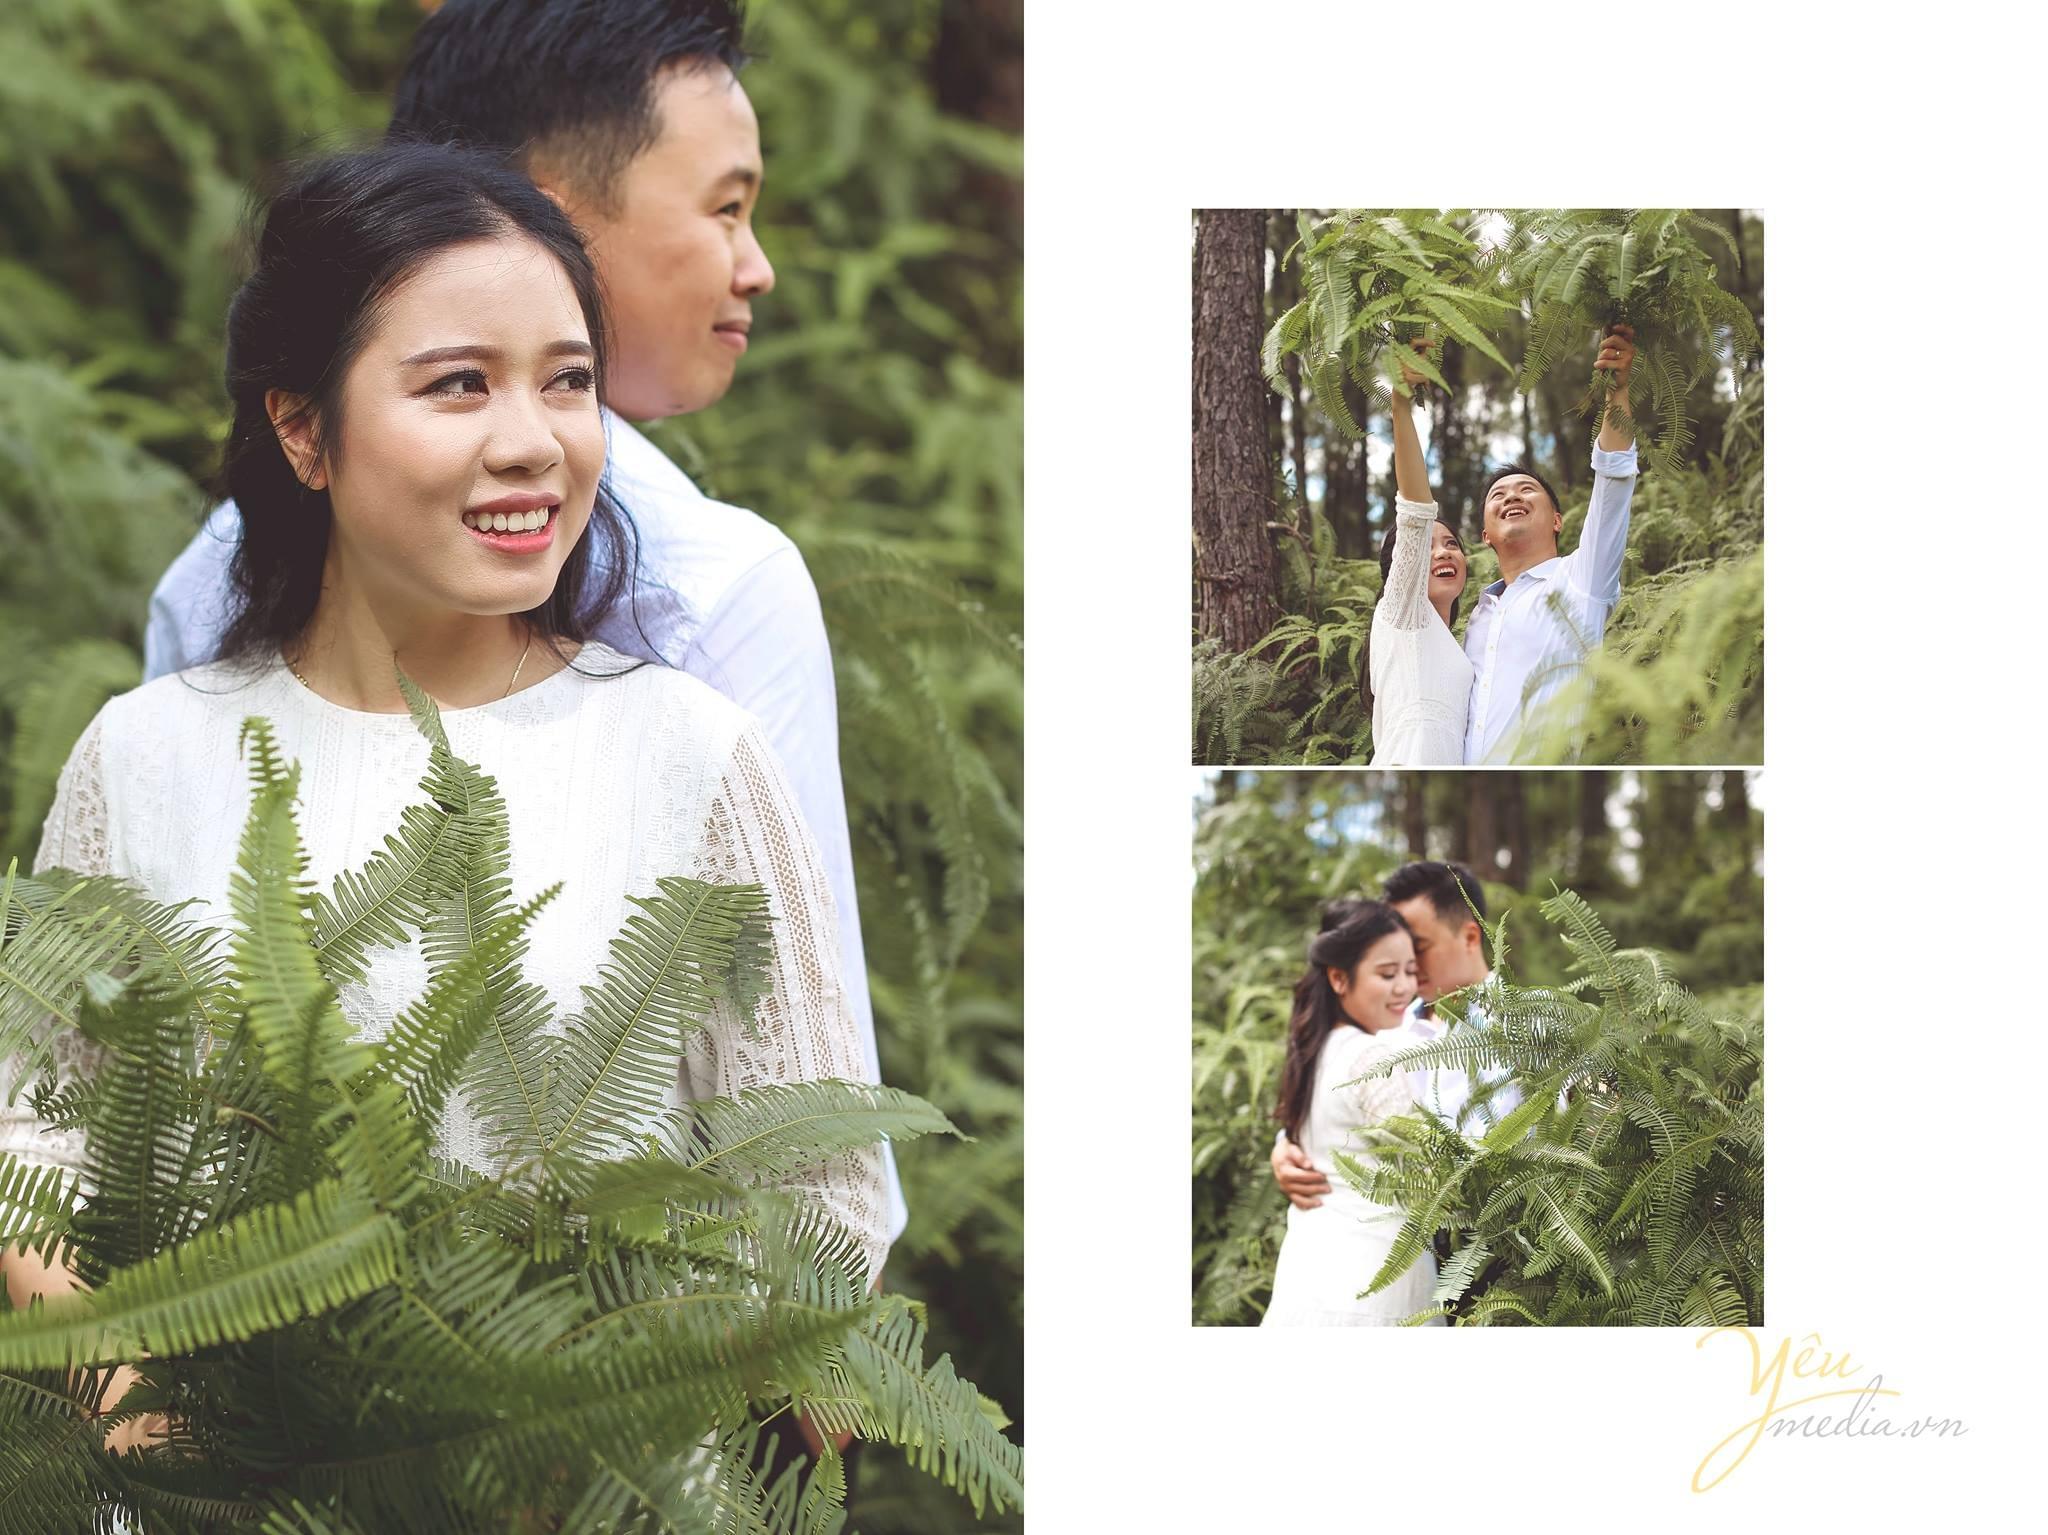 ảnh chụp cô dâu chú rể áp lưng chụp tại rừng thông